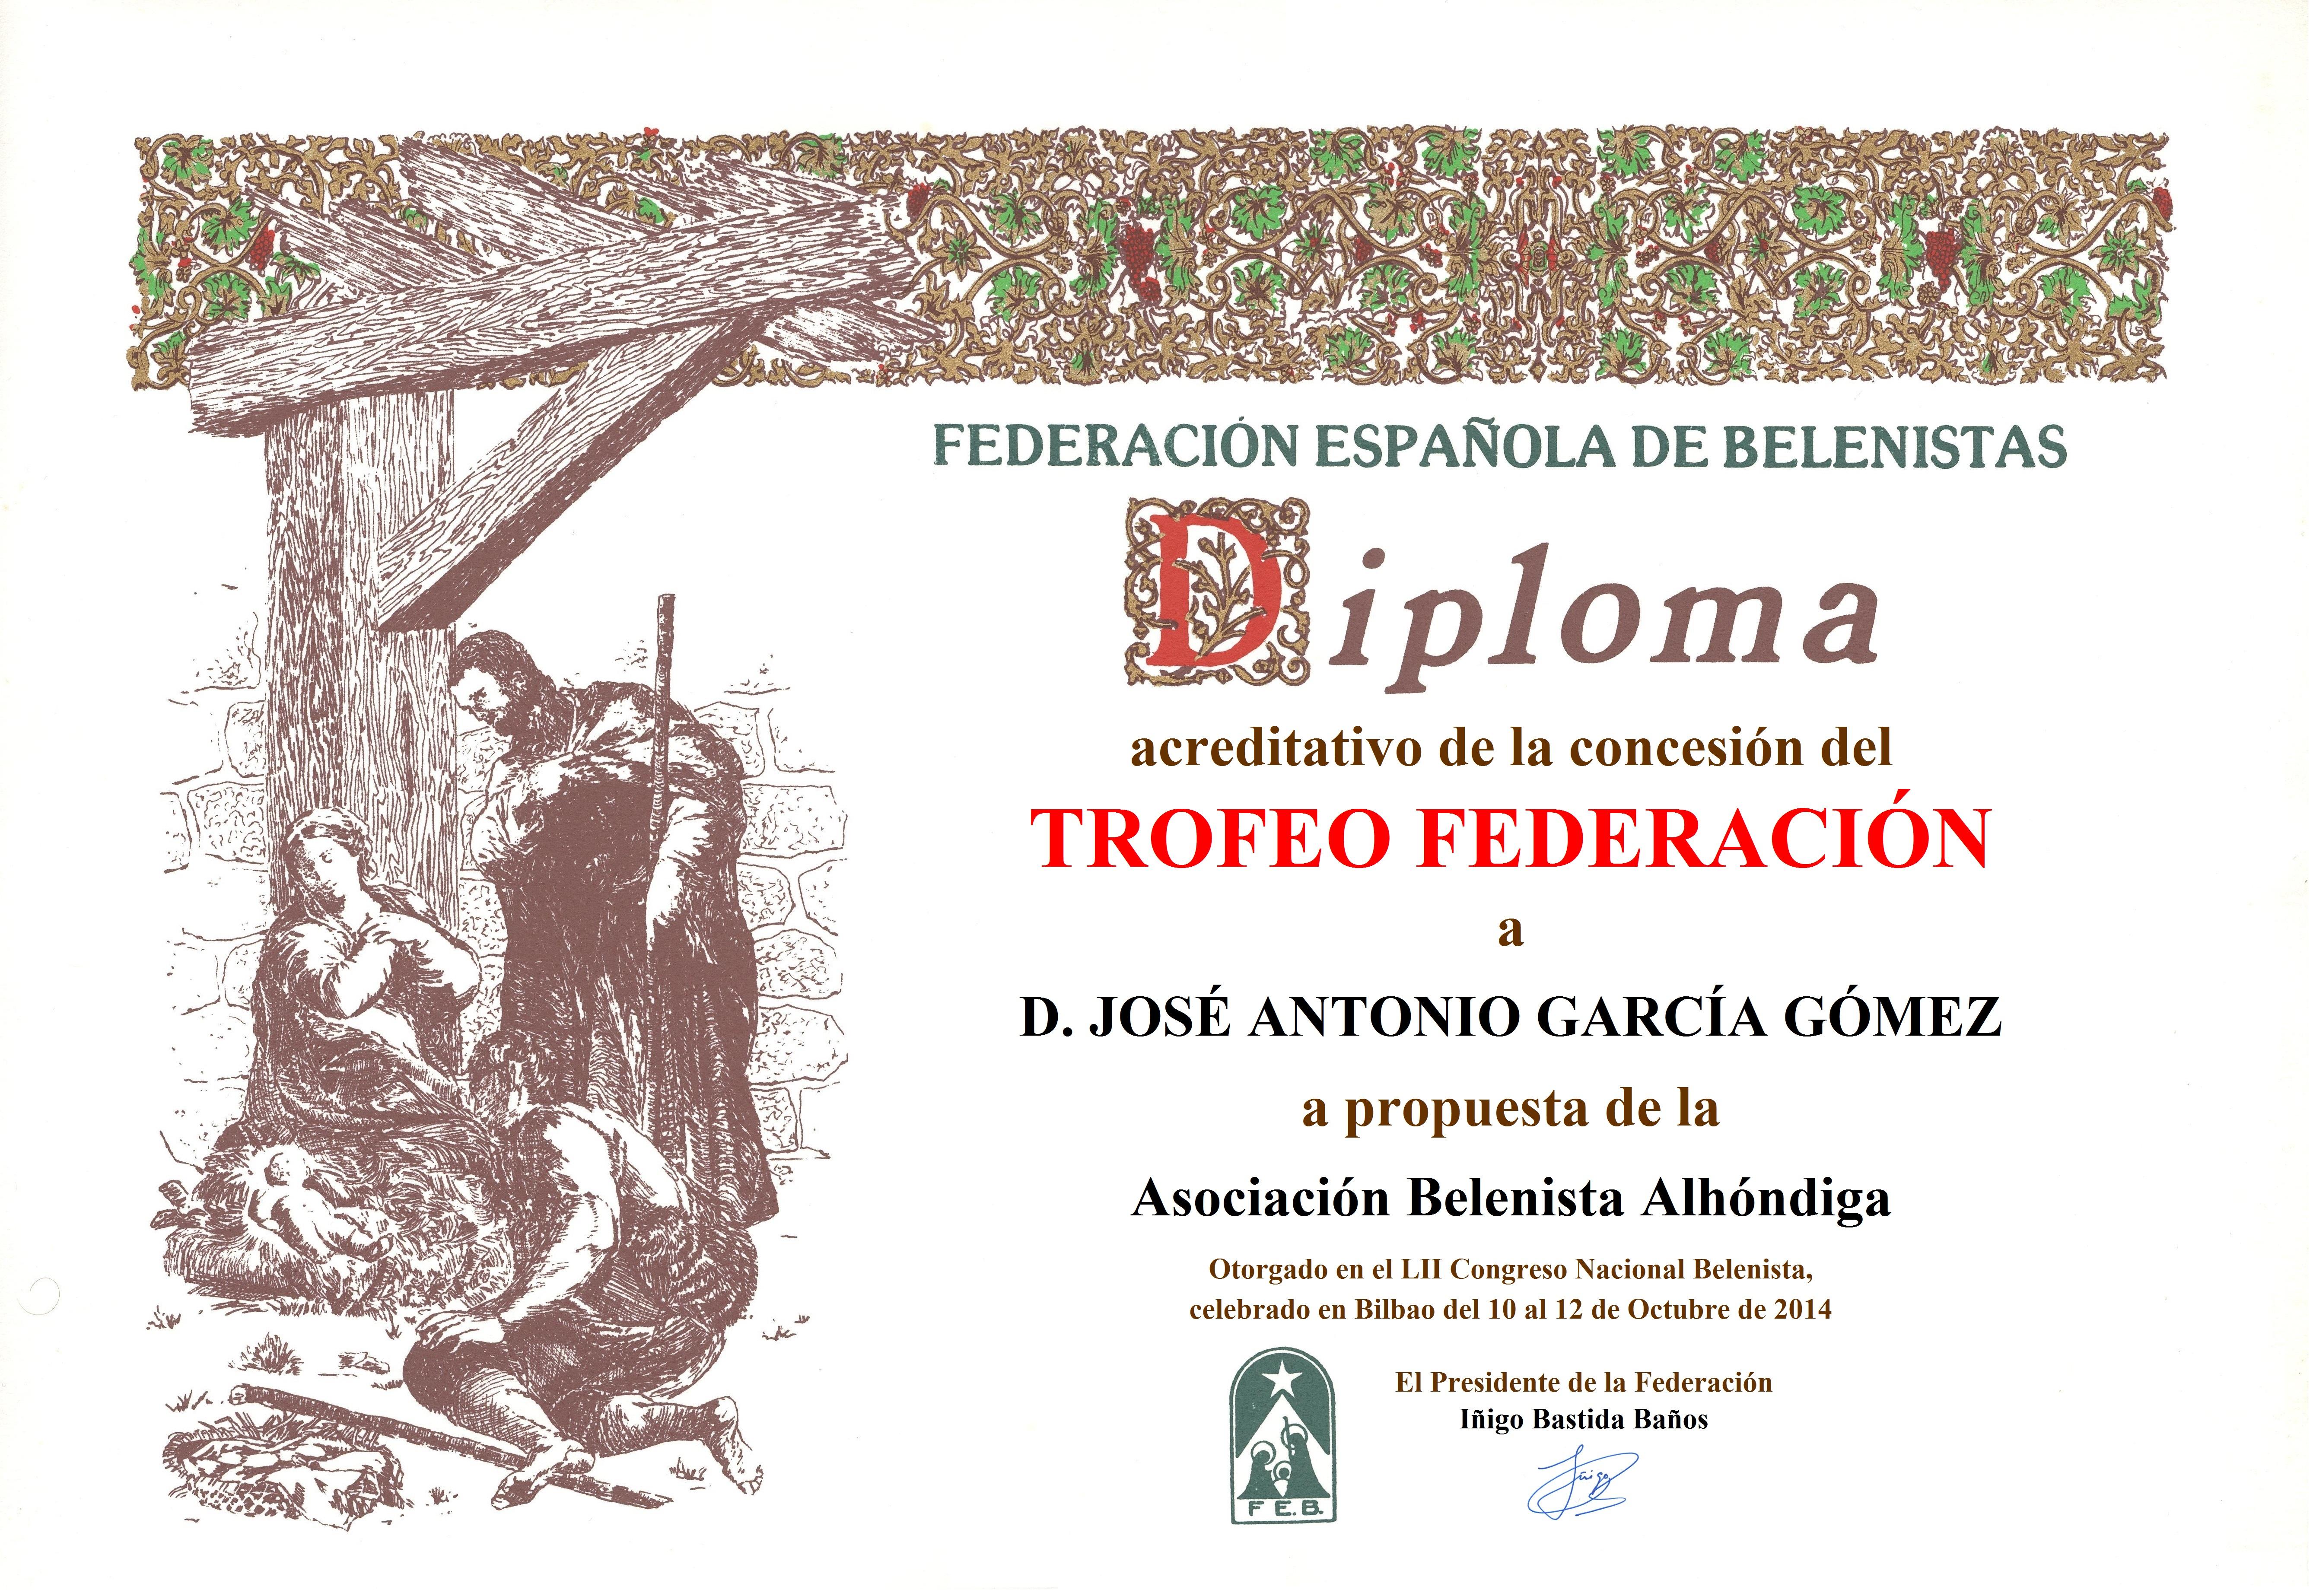 Diploma Trofeo FEB 2014 José Antonio García Gómez